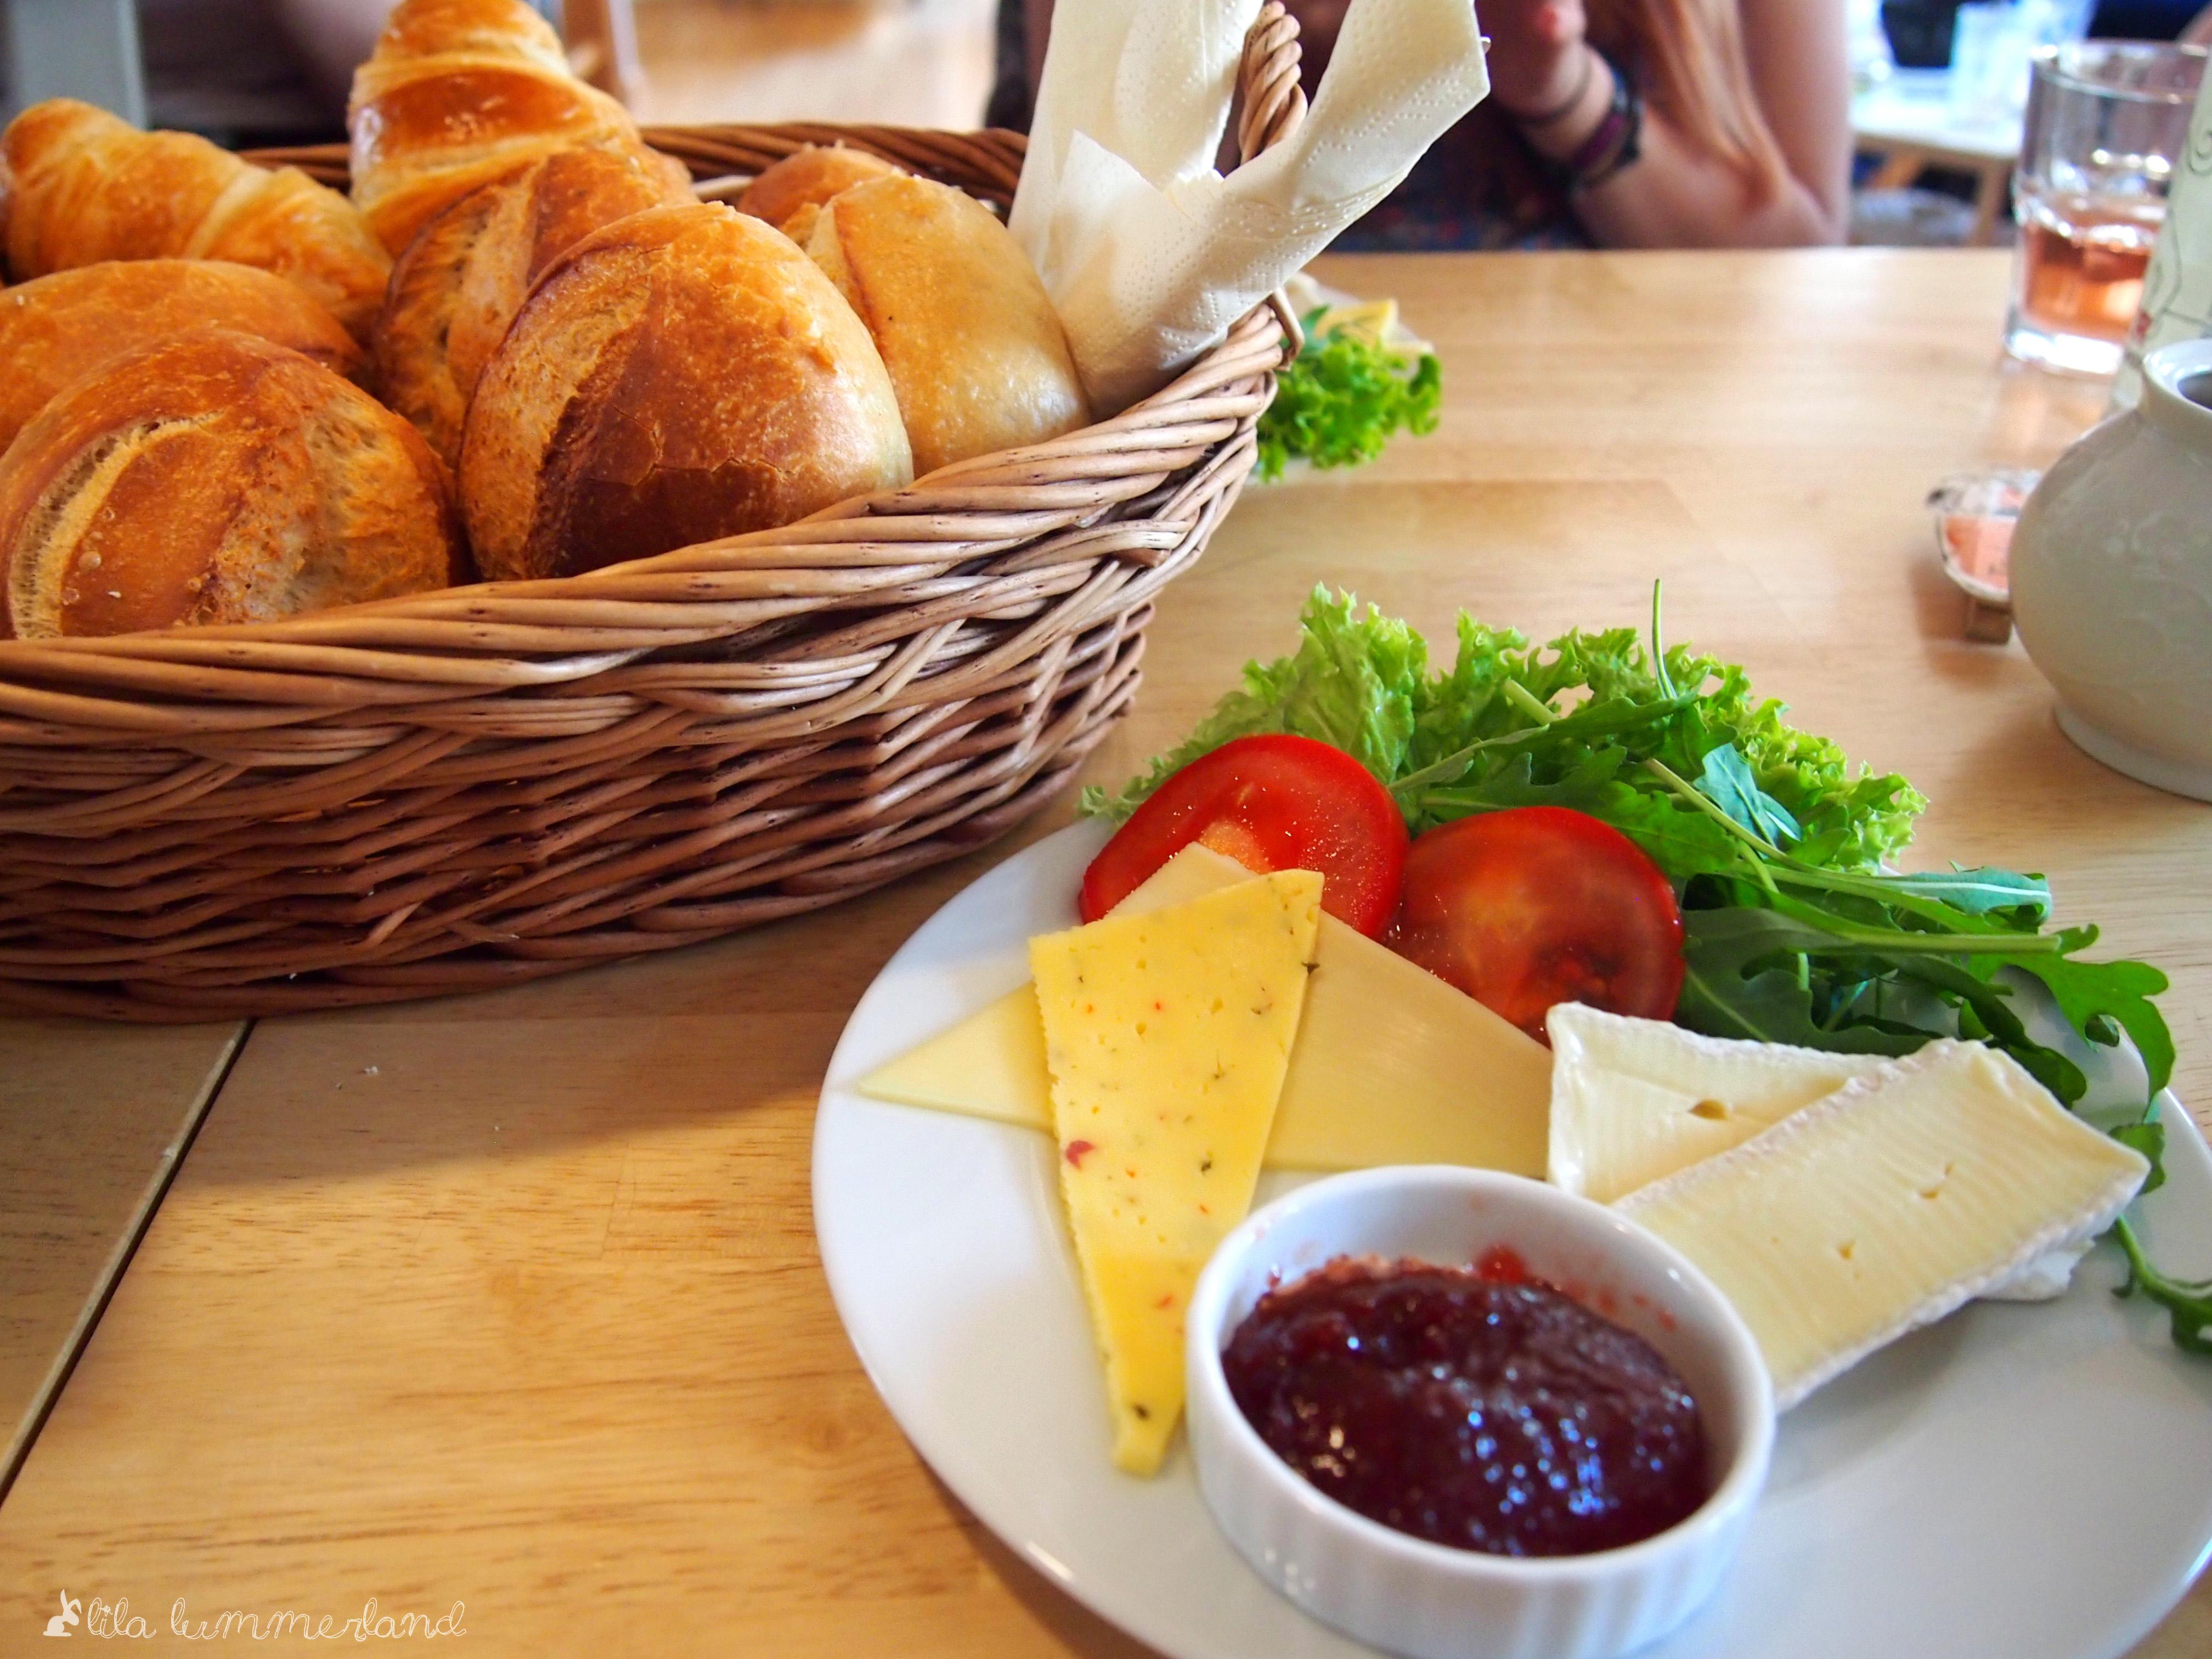 Mayras Wohnzimmer Bonn Beuel Fruehstueck Vegetarisch Vegetariano